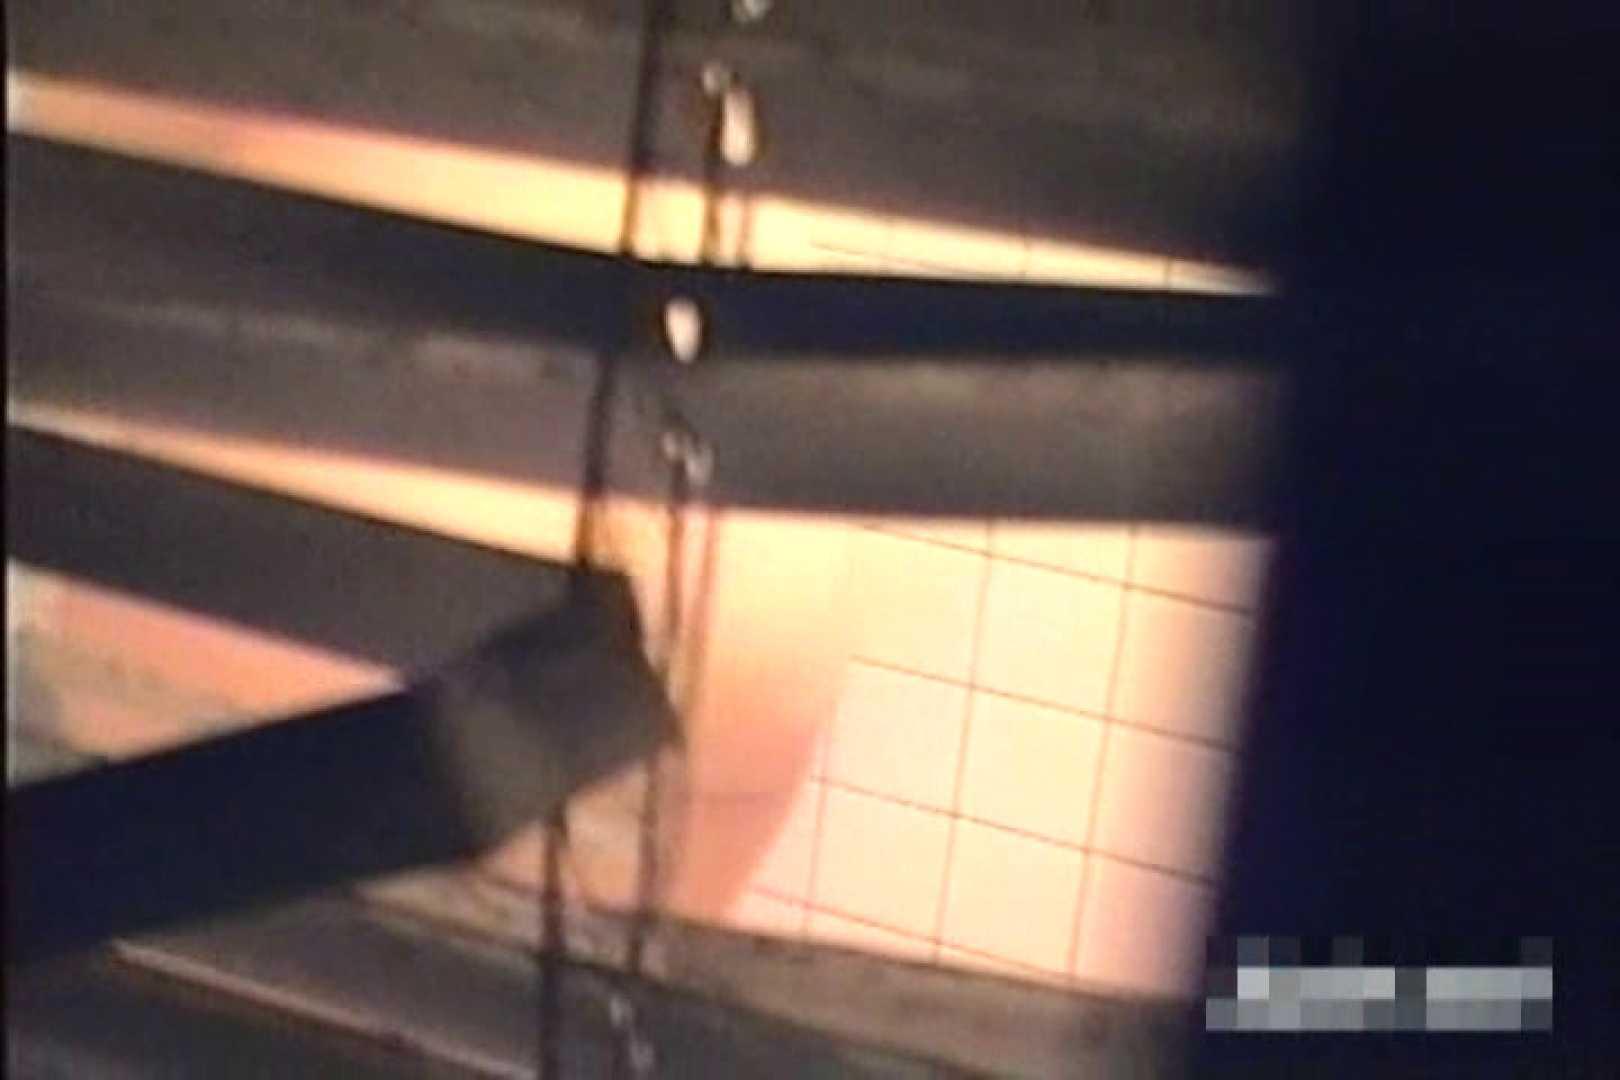 激撮ストーカー記録あなたのお宅拝見しますVol.4 0   0  51画像 15